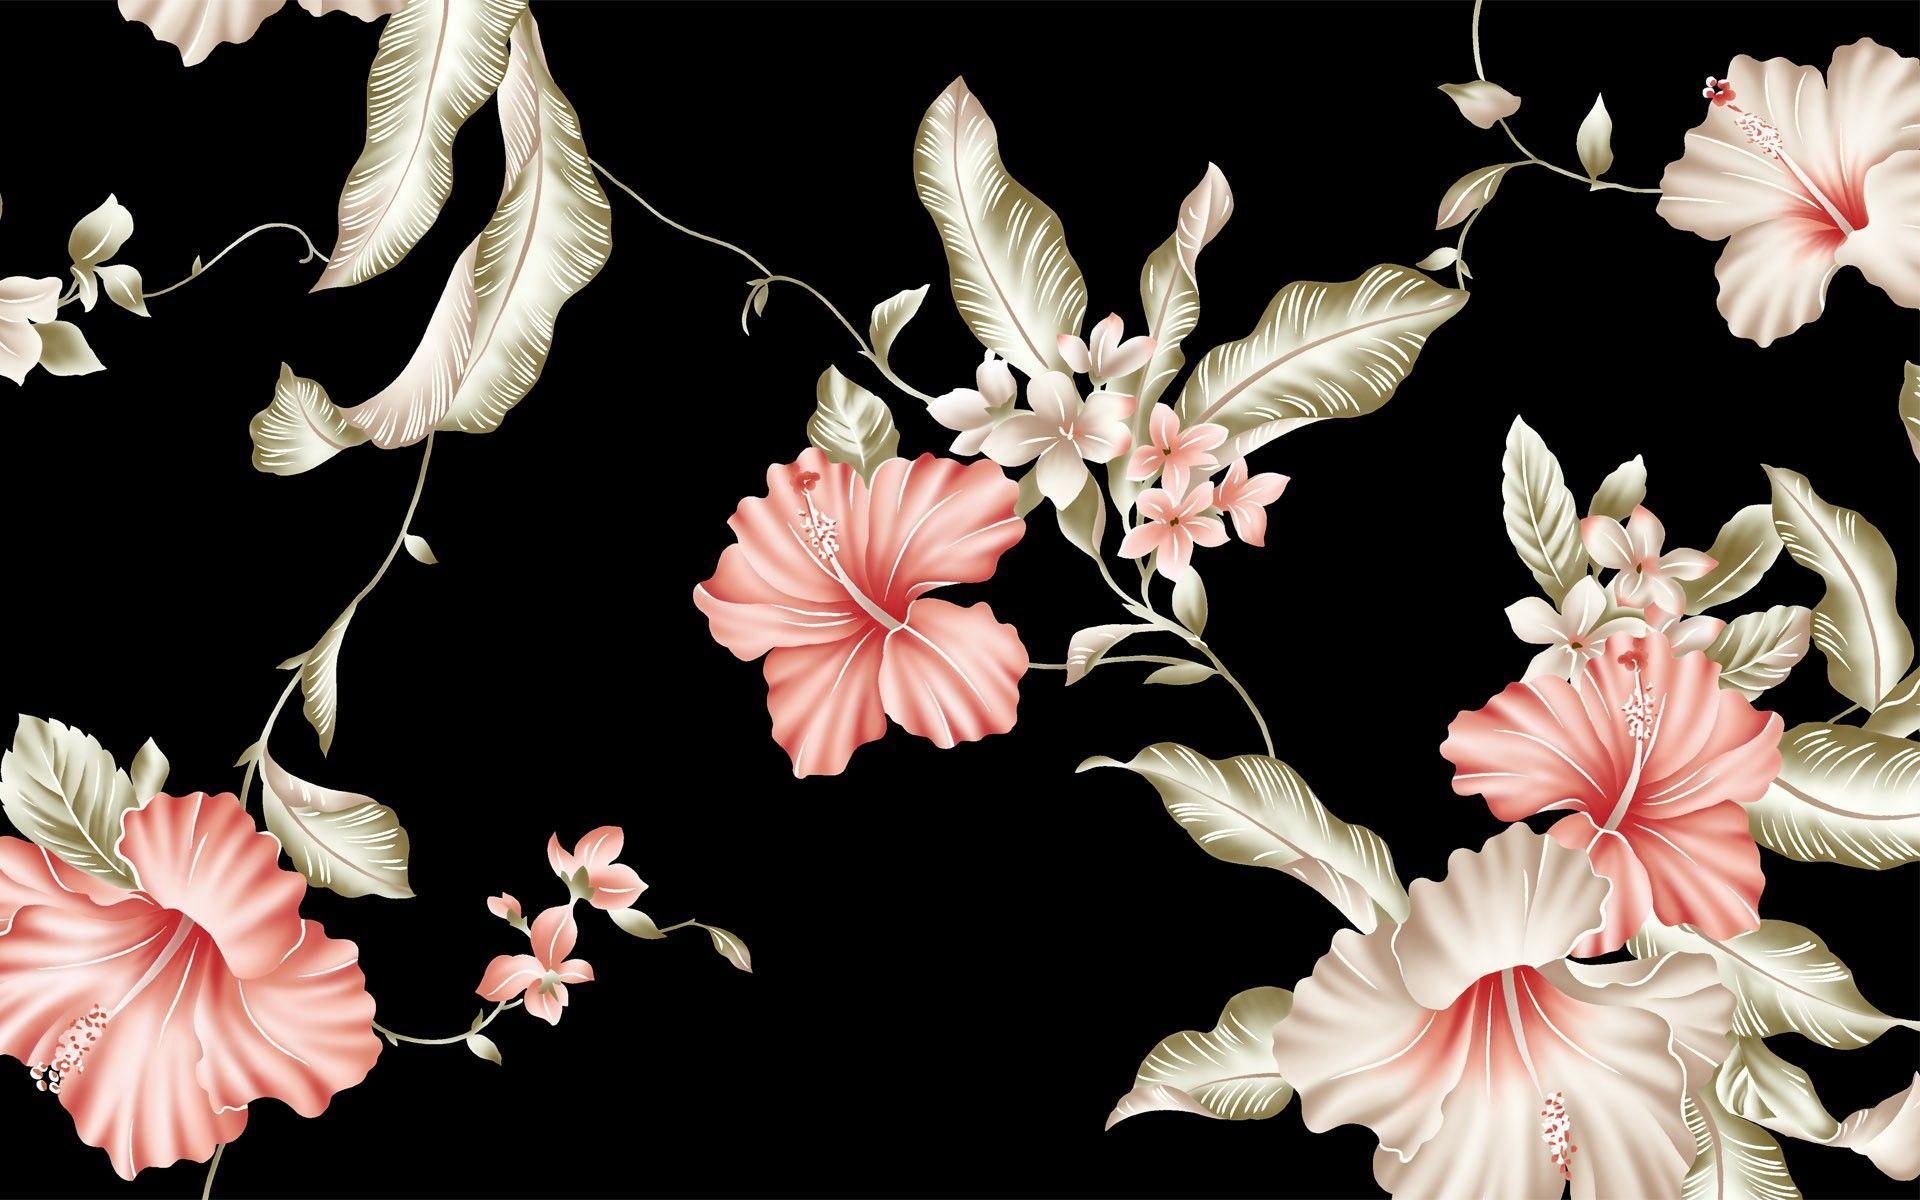 Most Downloaded Vintage Flower Wallpapers - Floral Desktop - HD Wallpaper